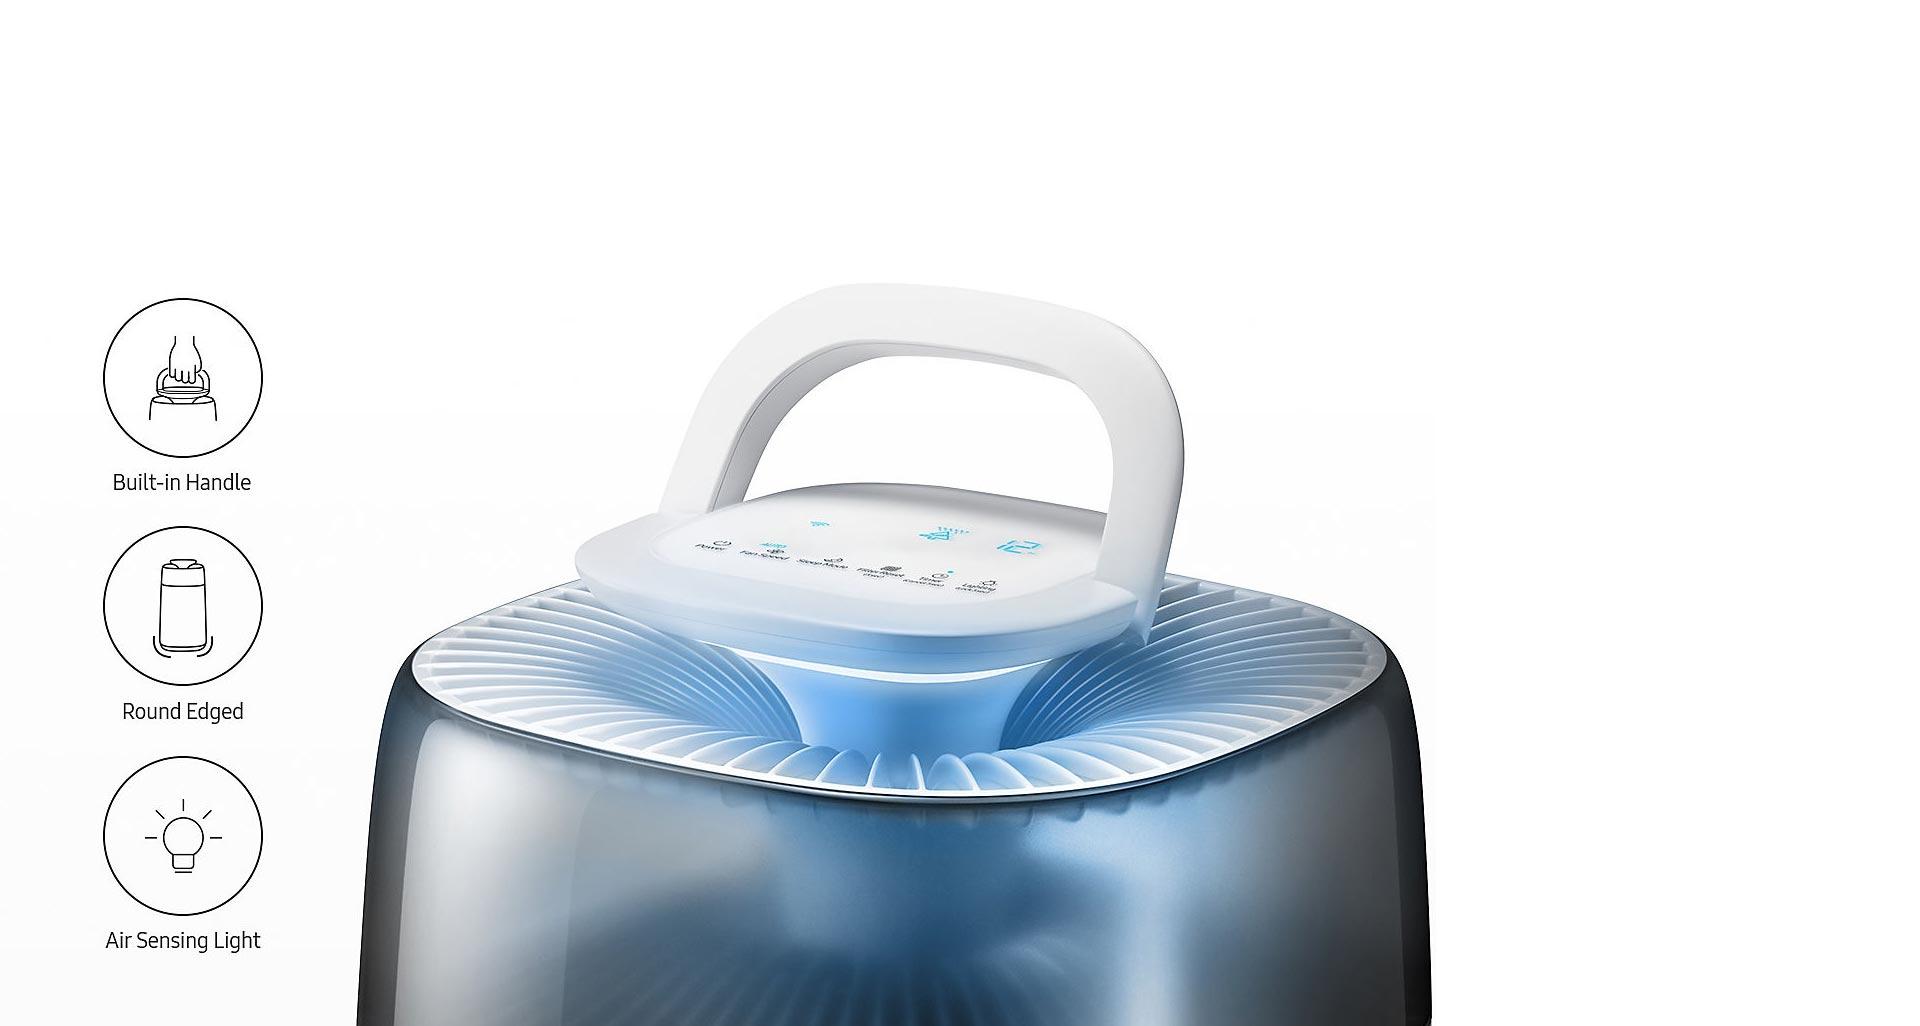 افزایش زیبایی محیط با طراحی بی نظیر تصفیه هوا AC-G42